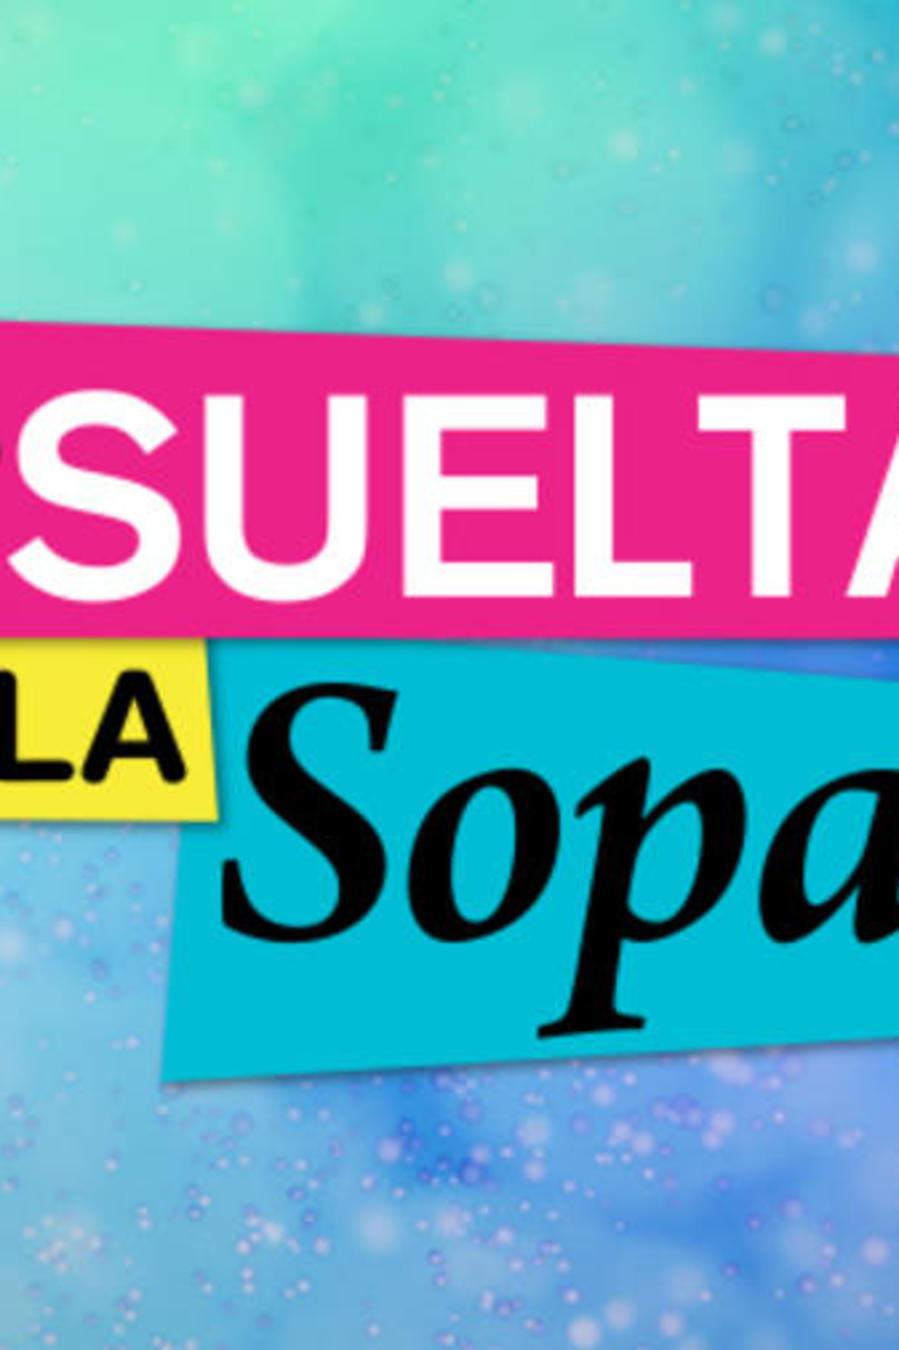 Suelta La Sopa Premios Tu Mundo 2016